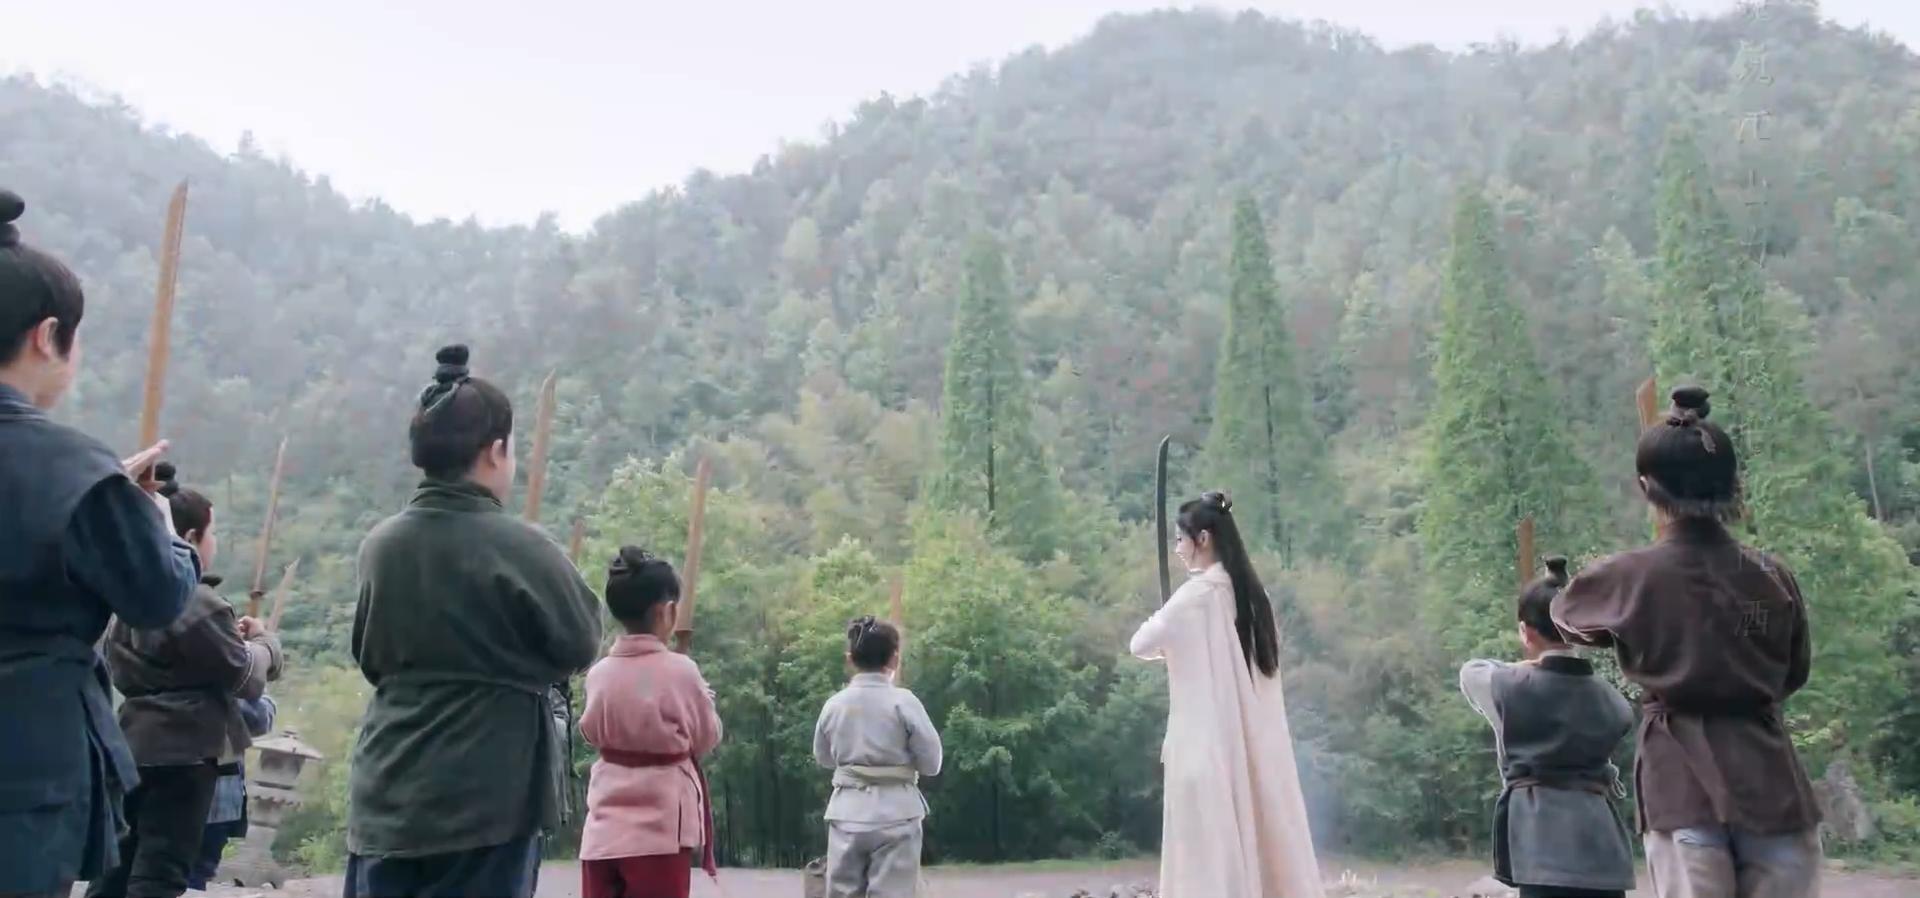 Hữu Phỉ TẬP CUỐI: Triệu Lệ Dĩnh - Vương Nhất Bác hôn nhau dưới mưa hoa hồng, phim khép lại êm đẹp mà lẳng lặng - Ảnh 8.